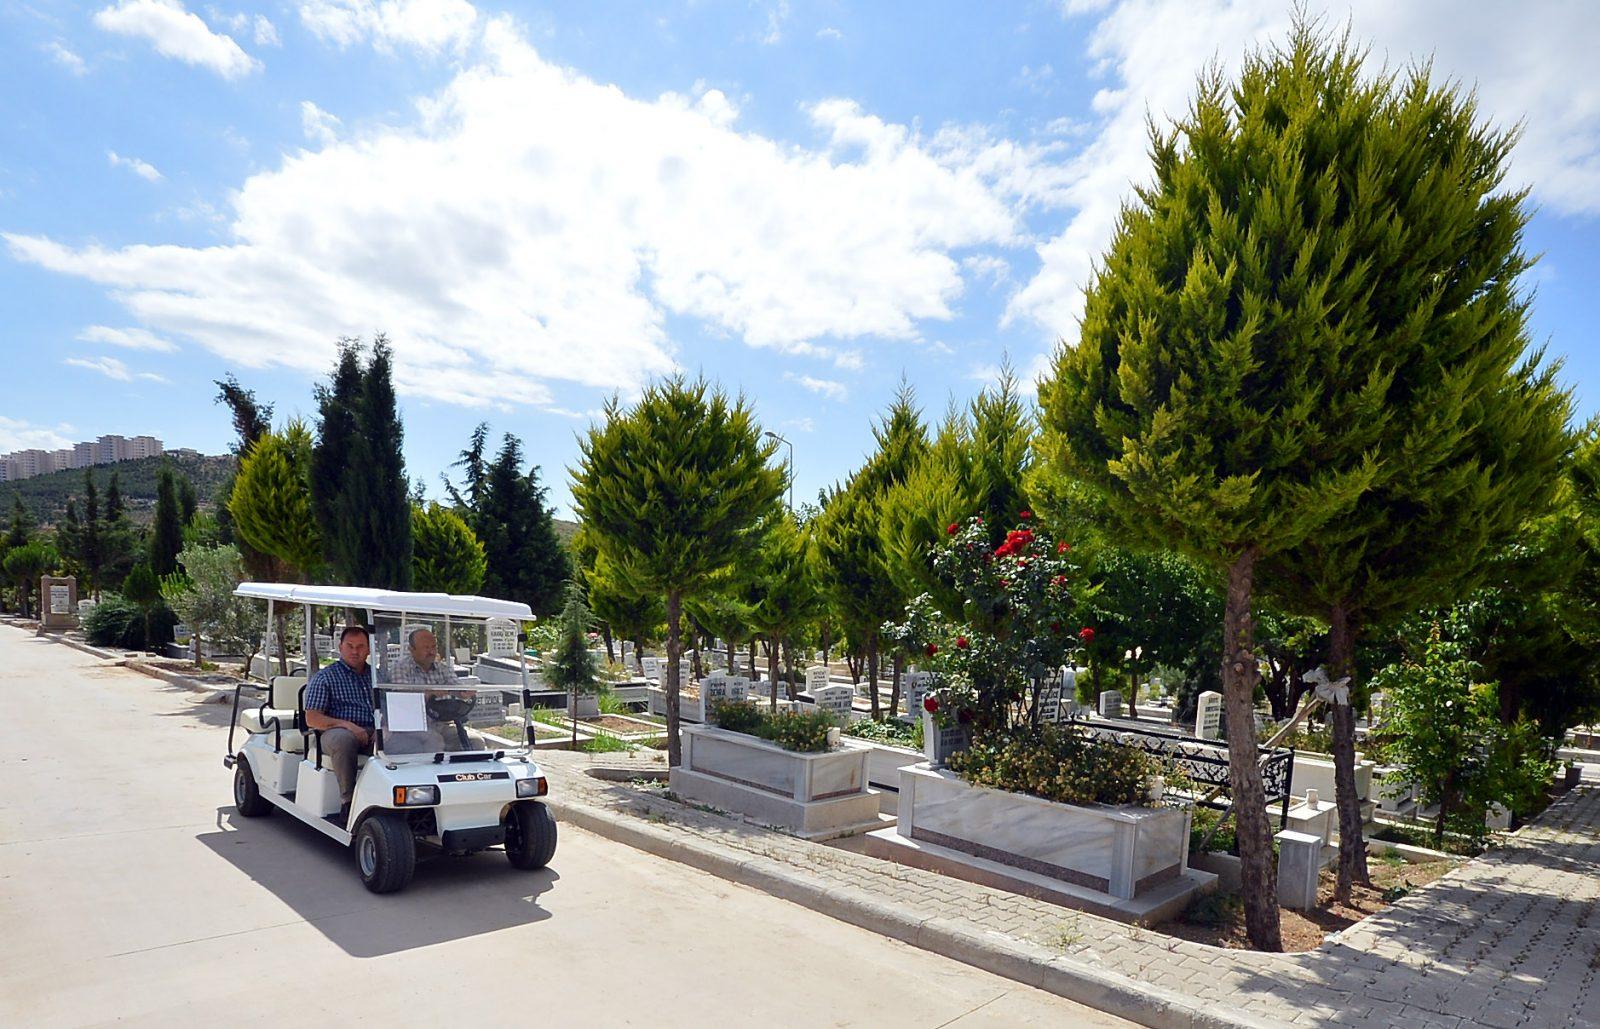 Mezarlıkta VIP hizmet